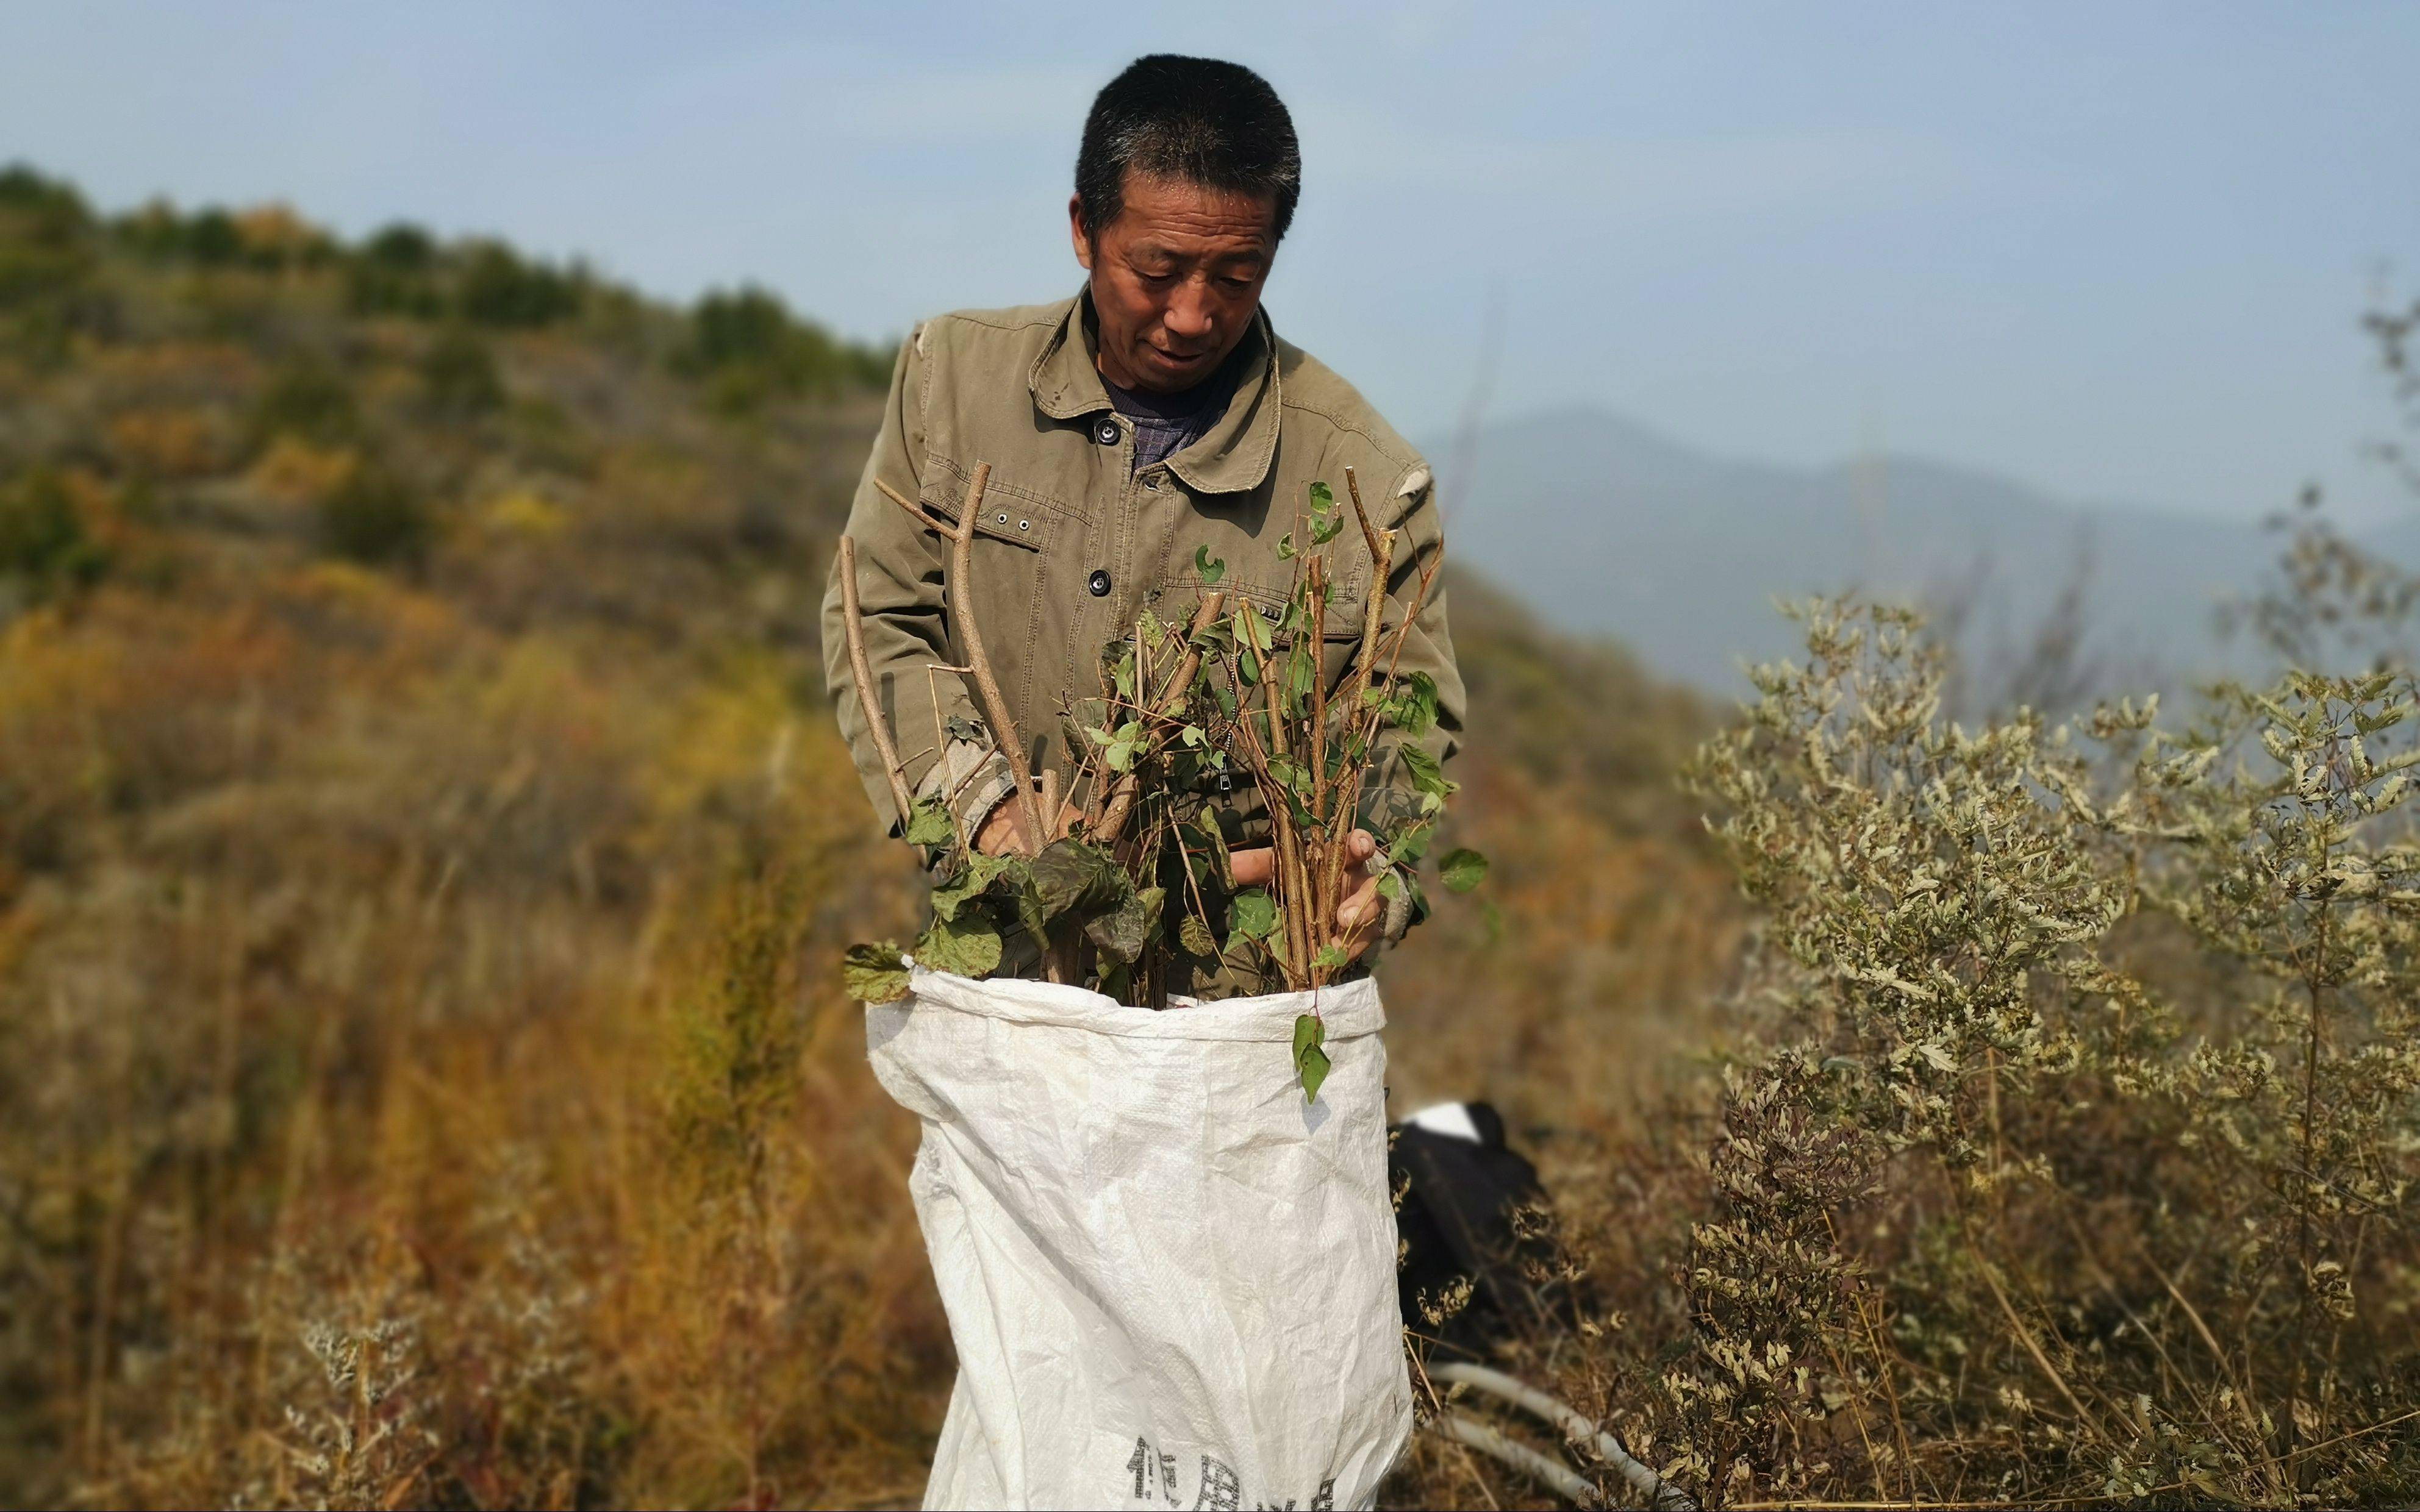 京西深山种树人:背着树苗爬坡 最远要走五六公里山路